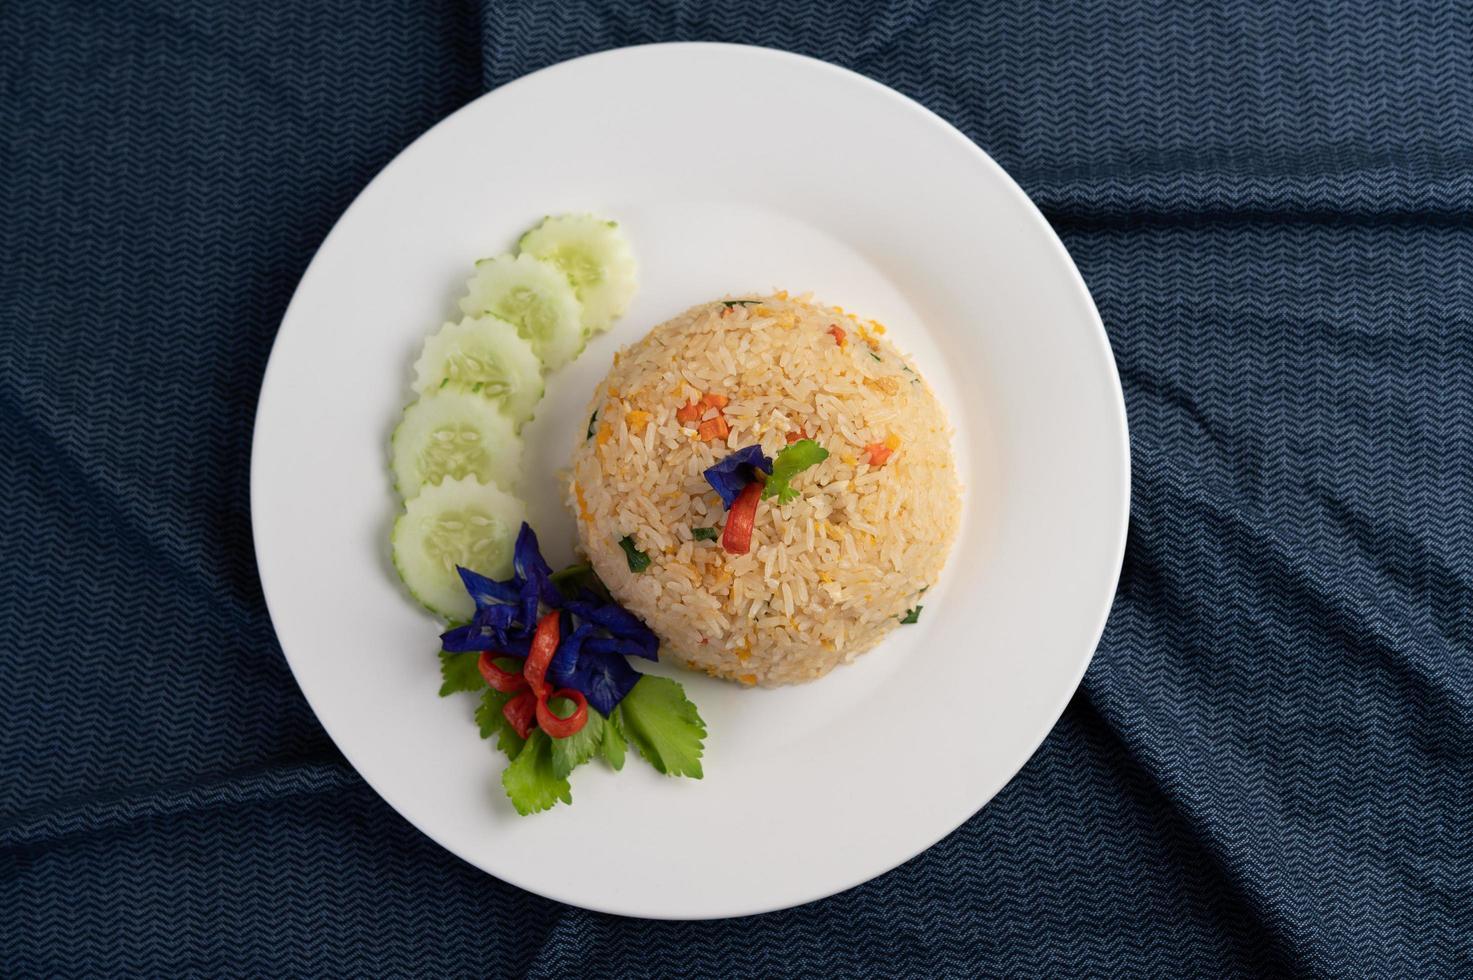 ei gebakken rijst op een witte plaat met gerimpelde stof foto